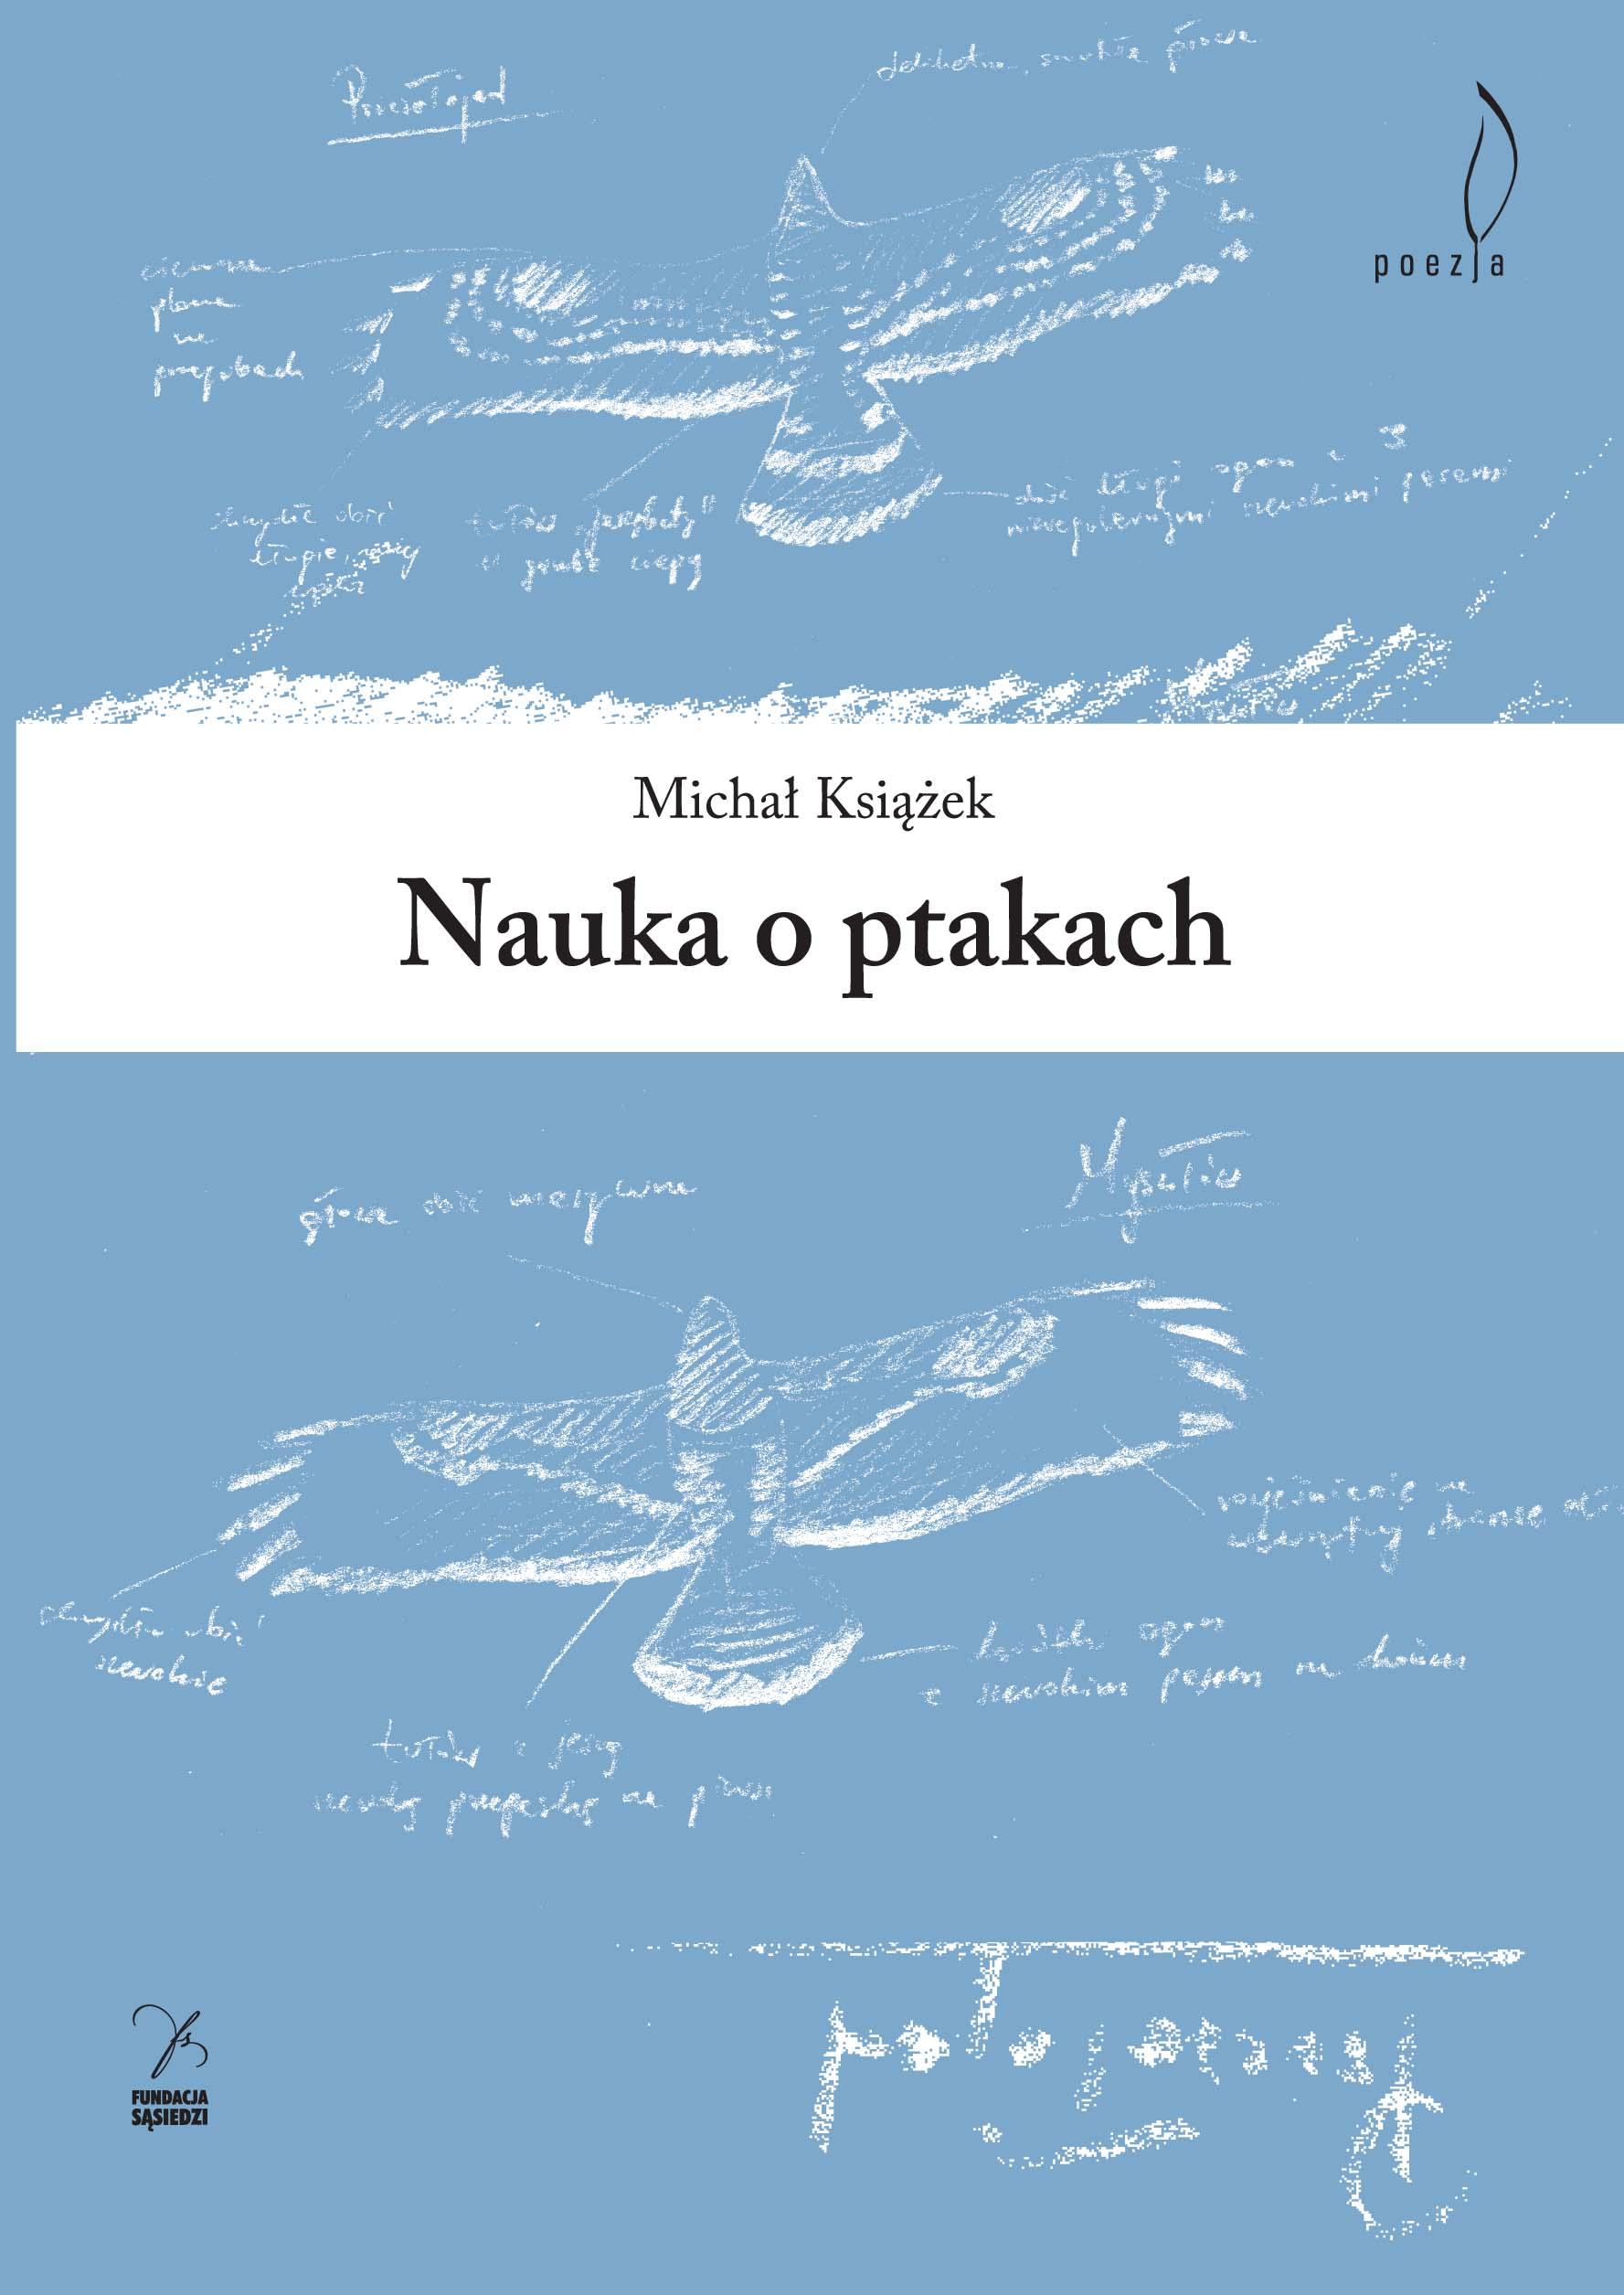 Nauka_o_ptakach